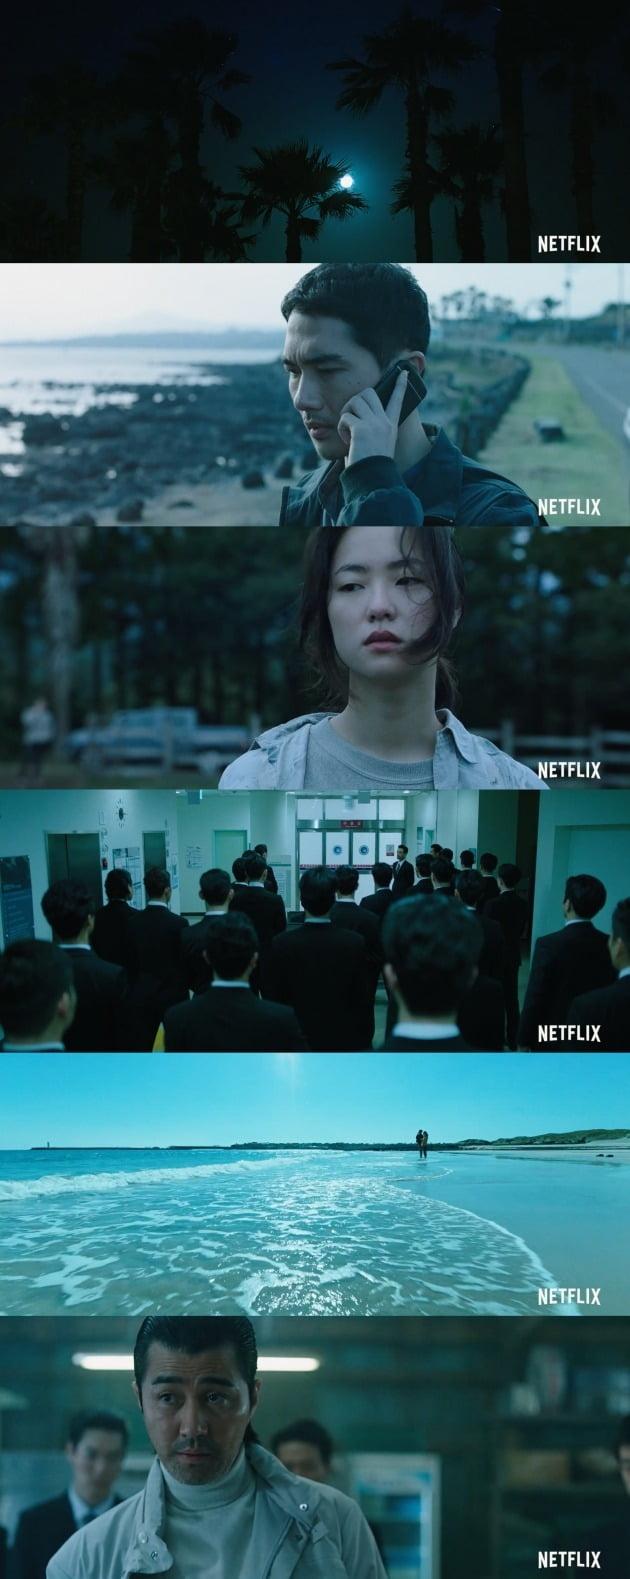 영화 '낙원의 밤' 예고편 캡처 / 사진제공=넷플릭스